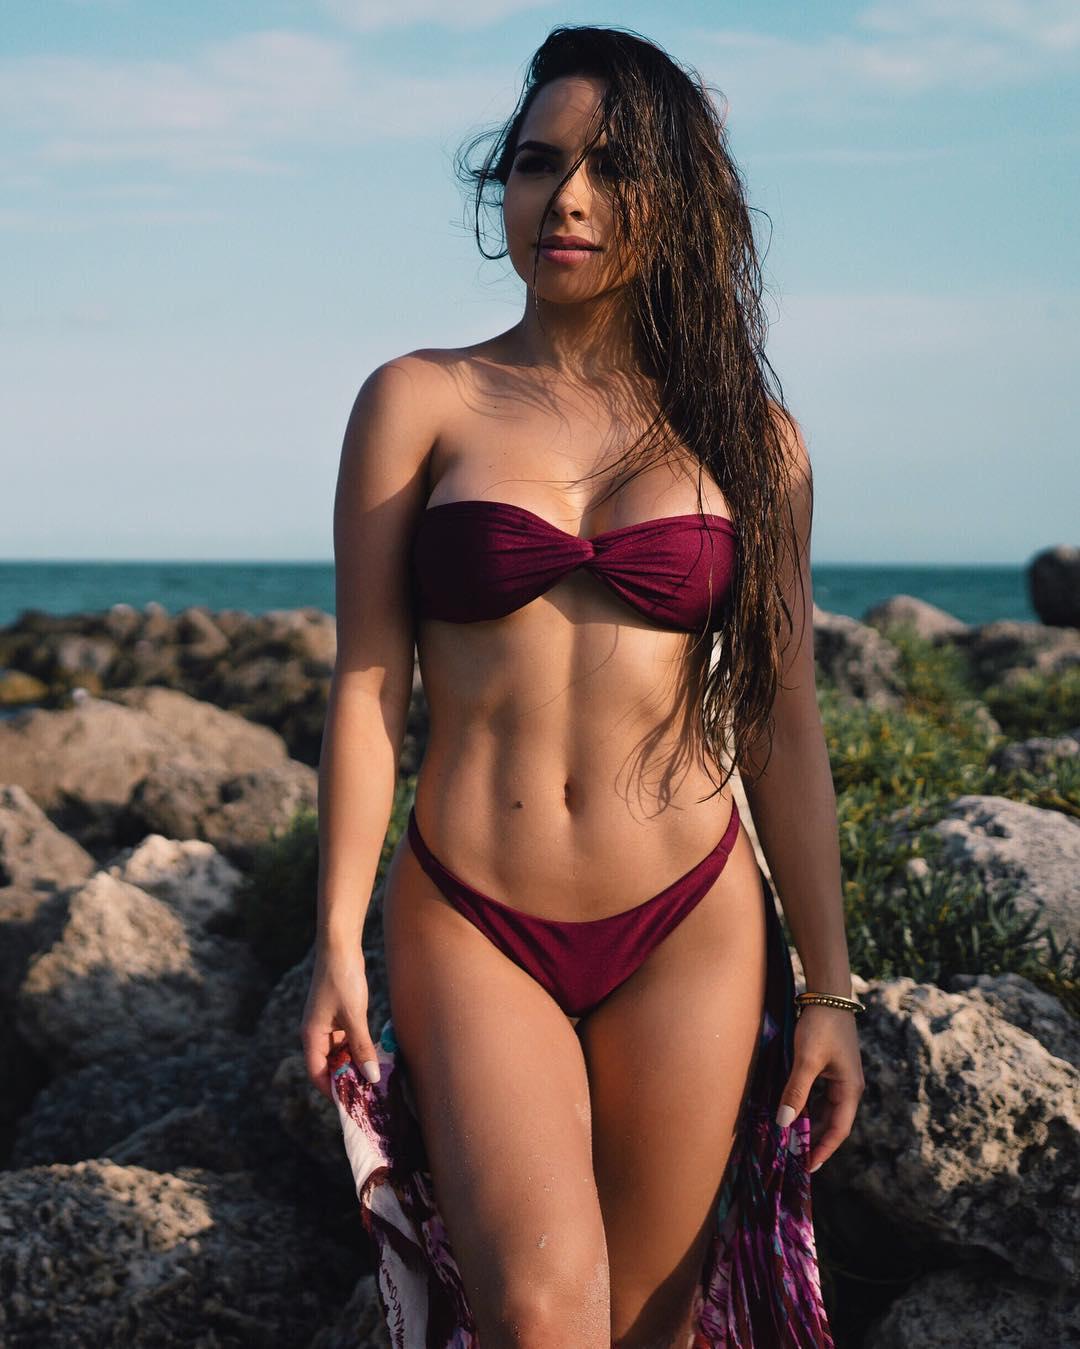 fine-girls-in-bikini